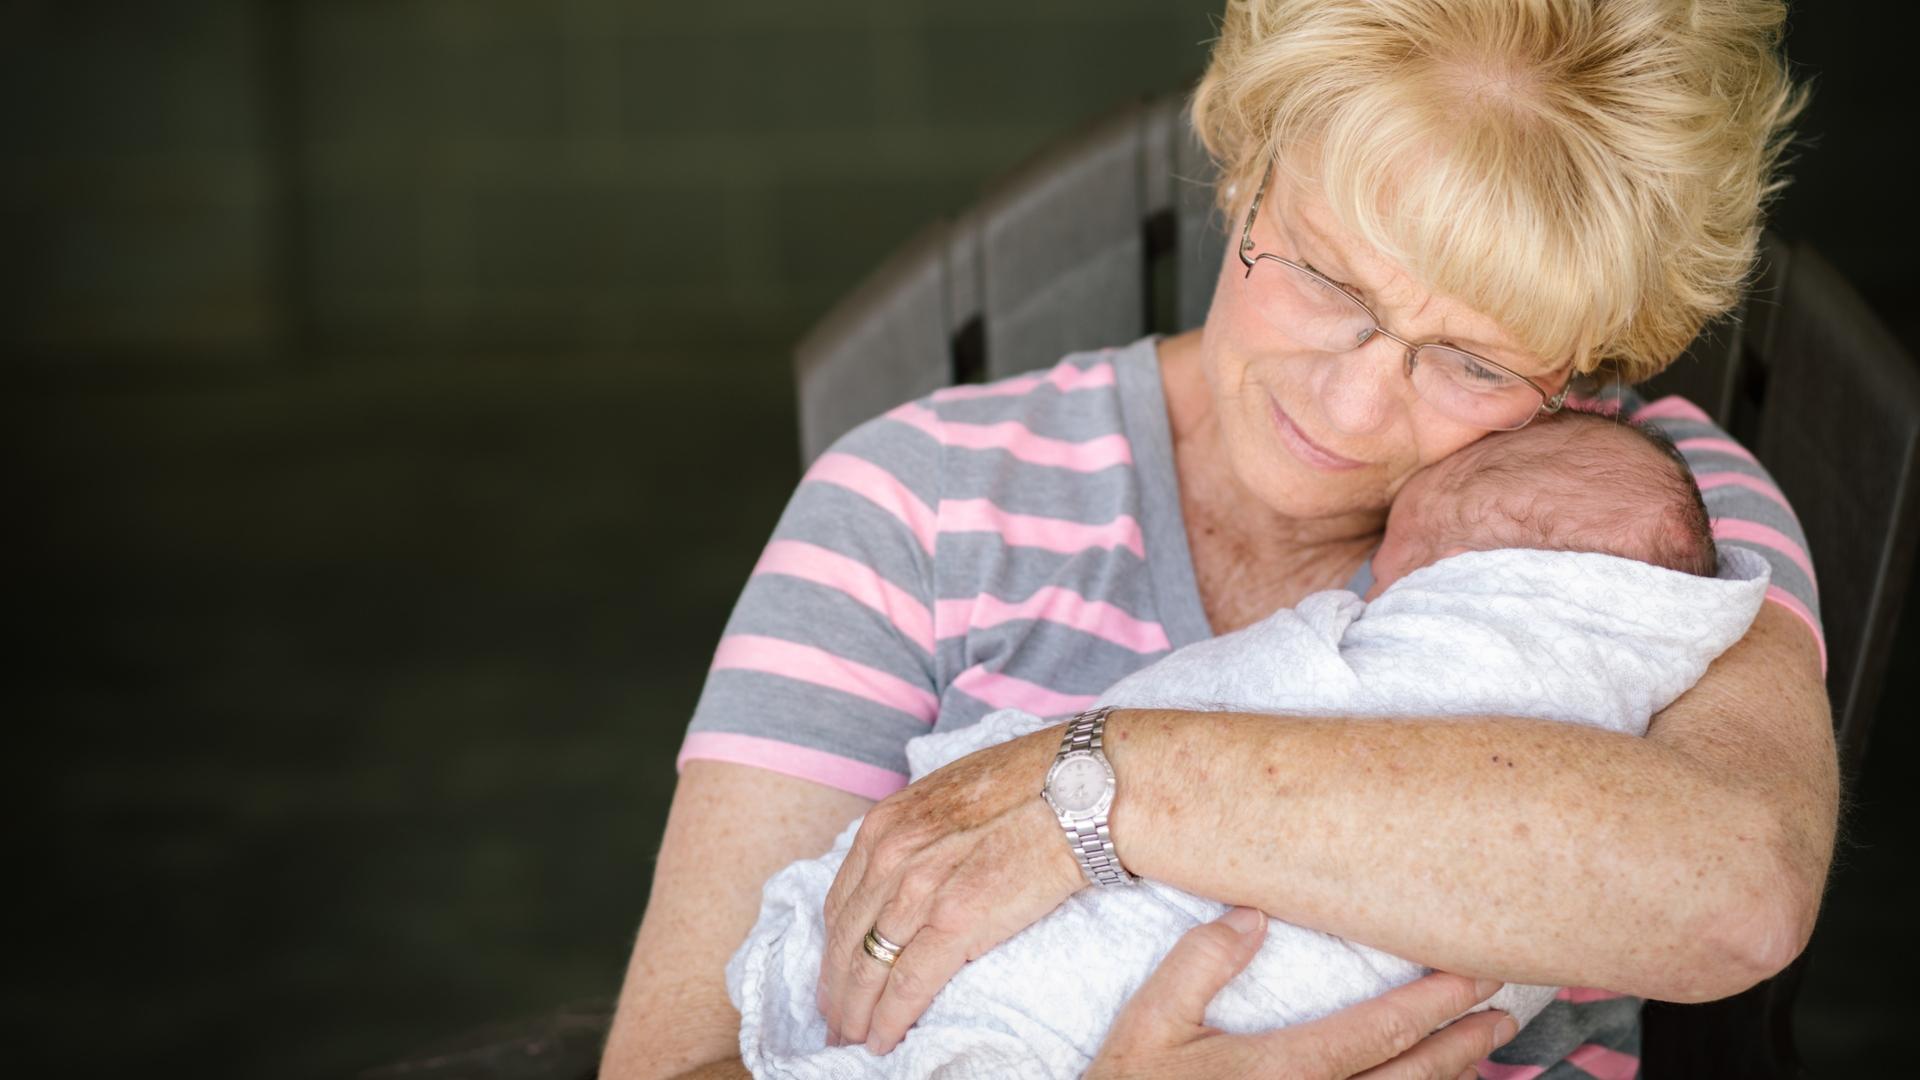 Konfliktus a túlzásba eső nagyszülőkkel